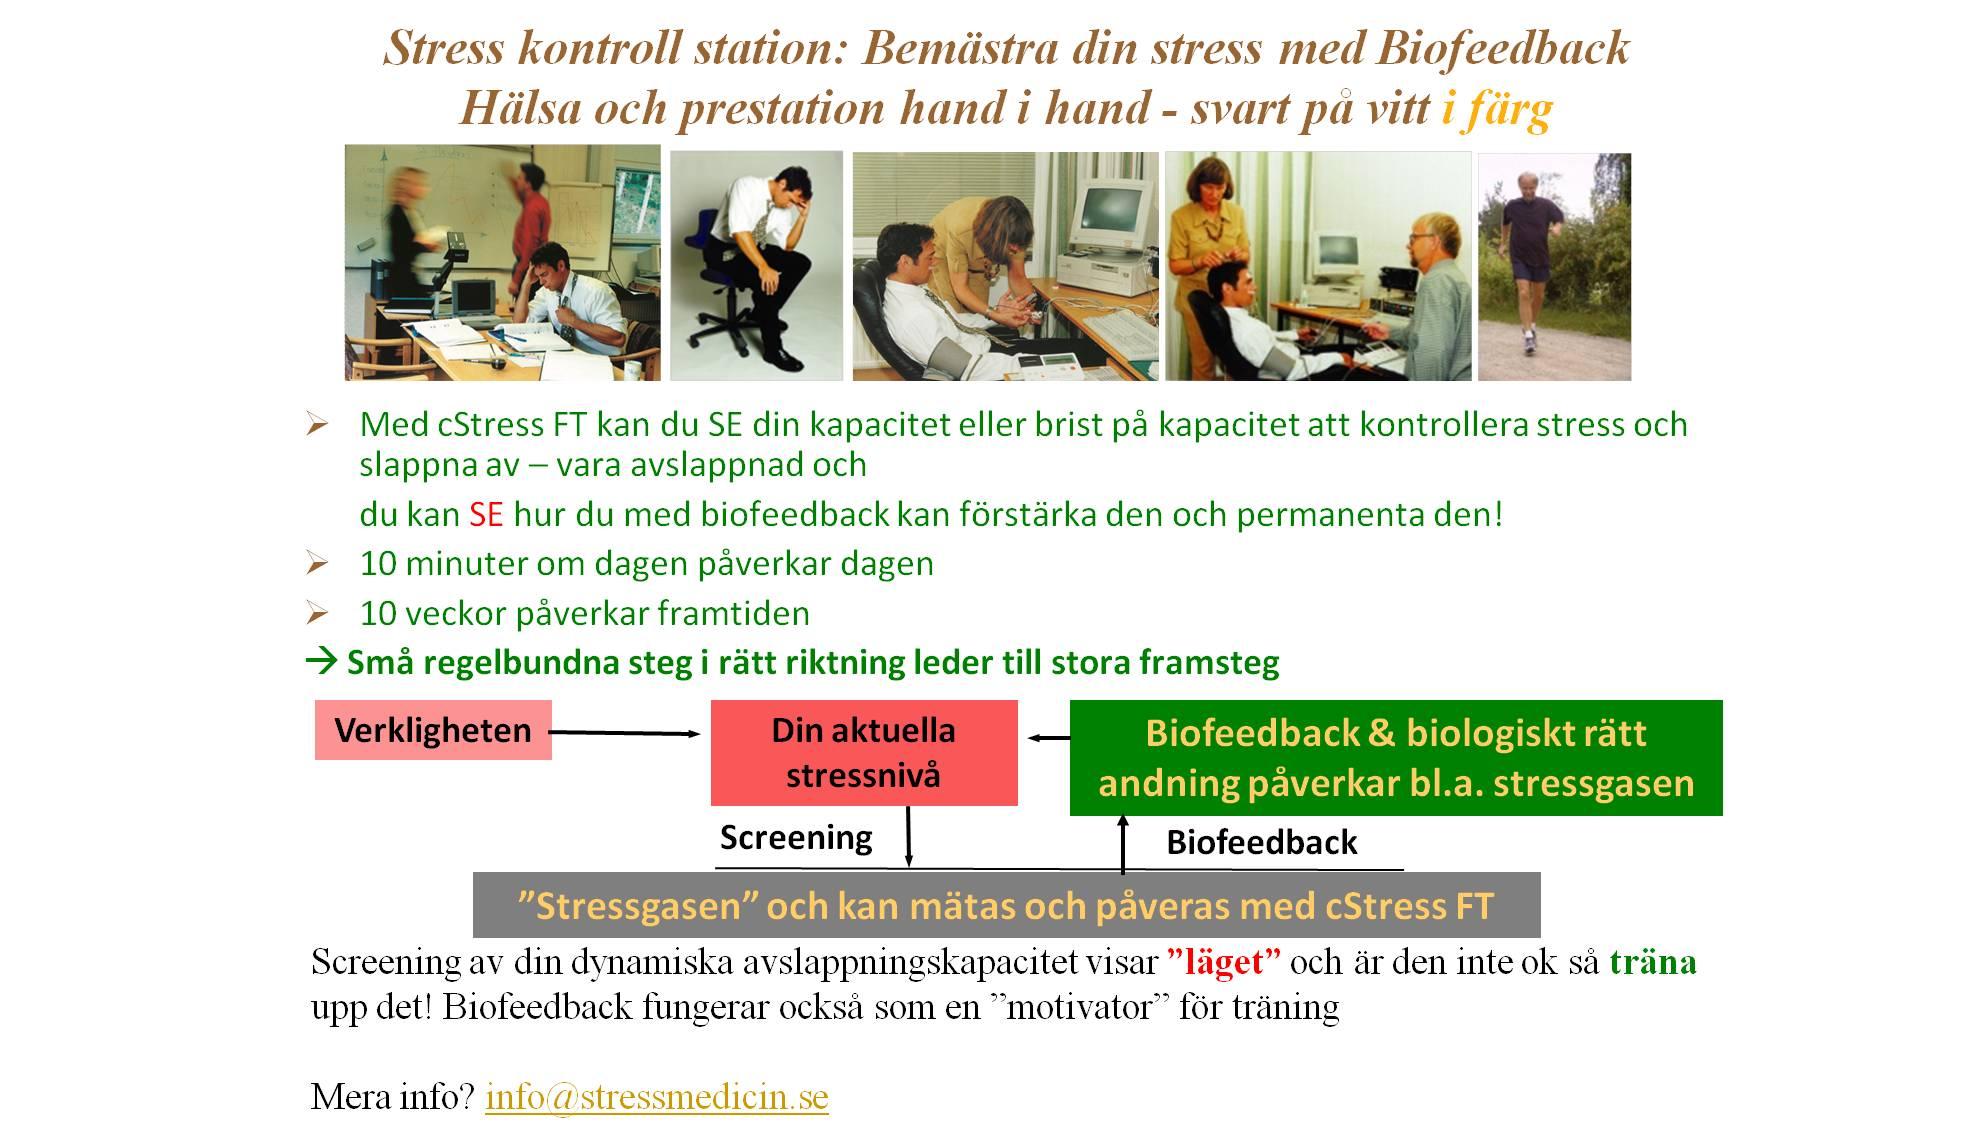 Biofeedback station